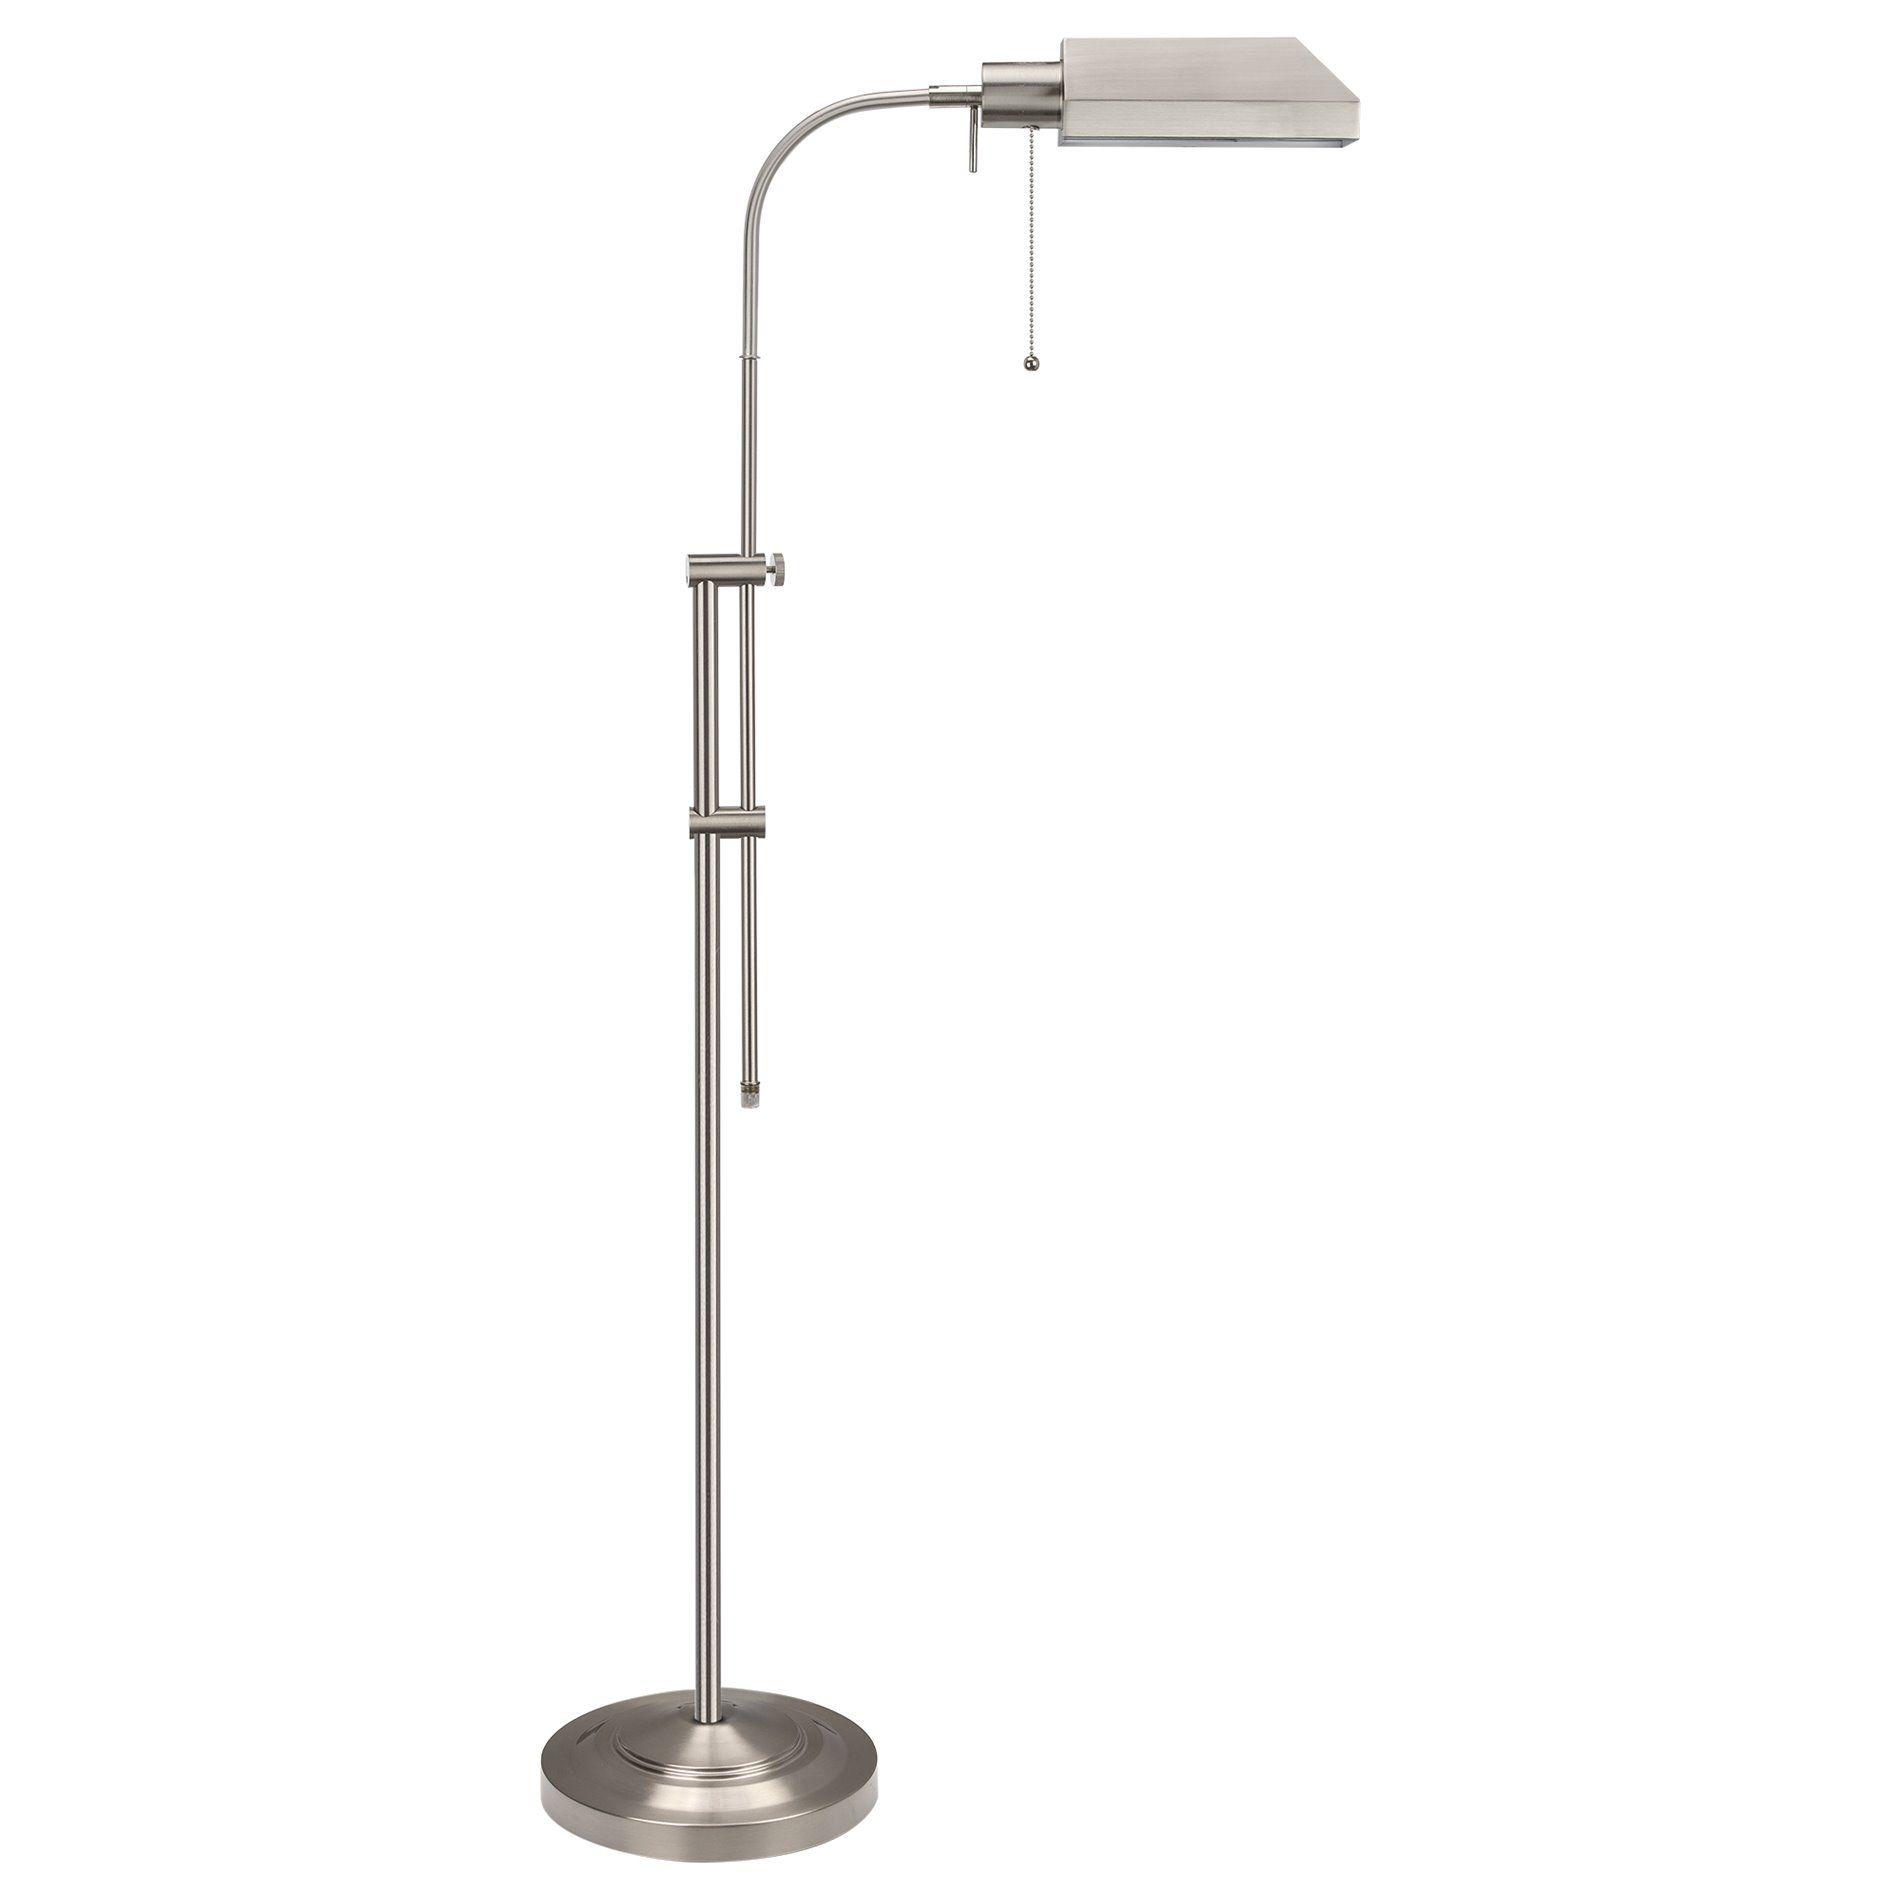 Home Pharmacy floor lamp, Floor lamp, Floor standing lamps